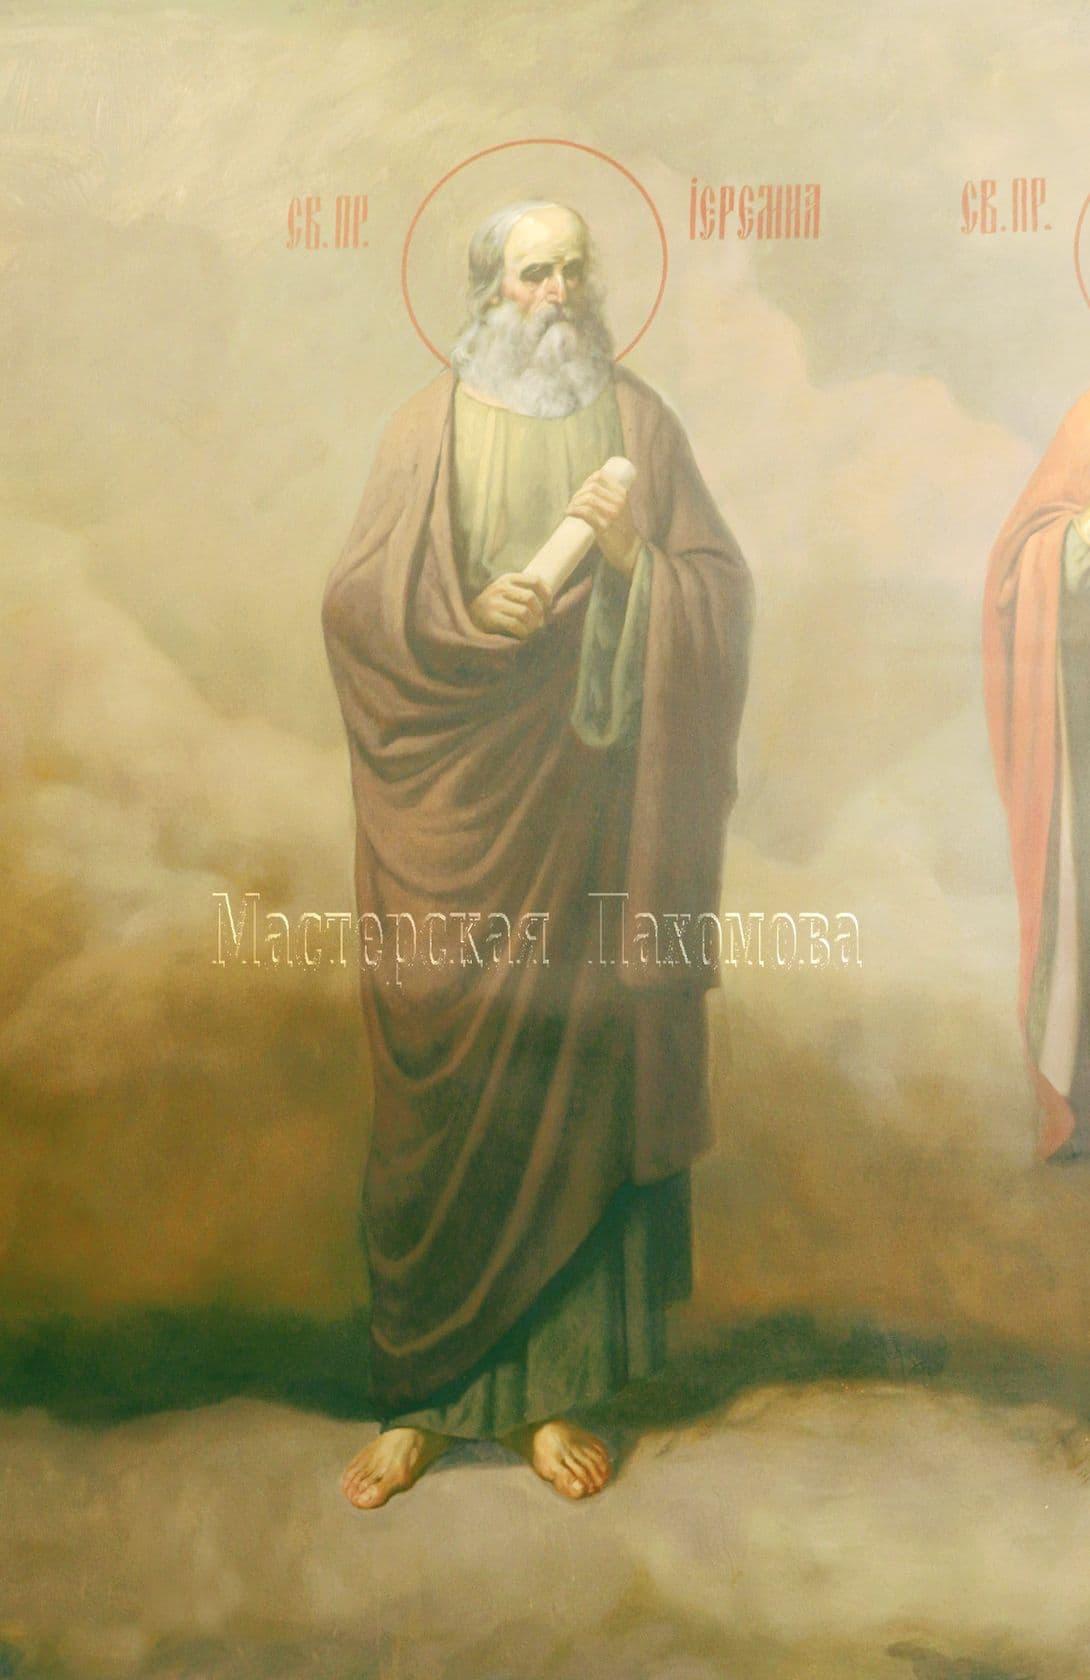 Святой пророк Иеремия. Роспись храма выполнена в академическом стиле